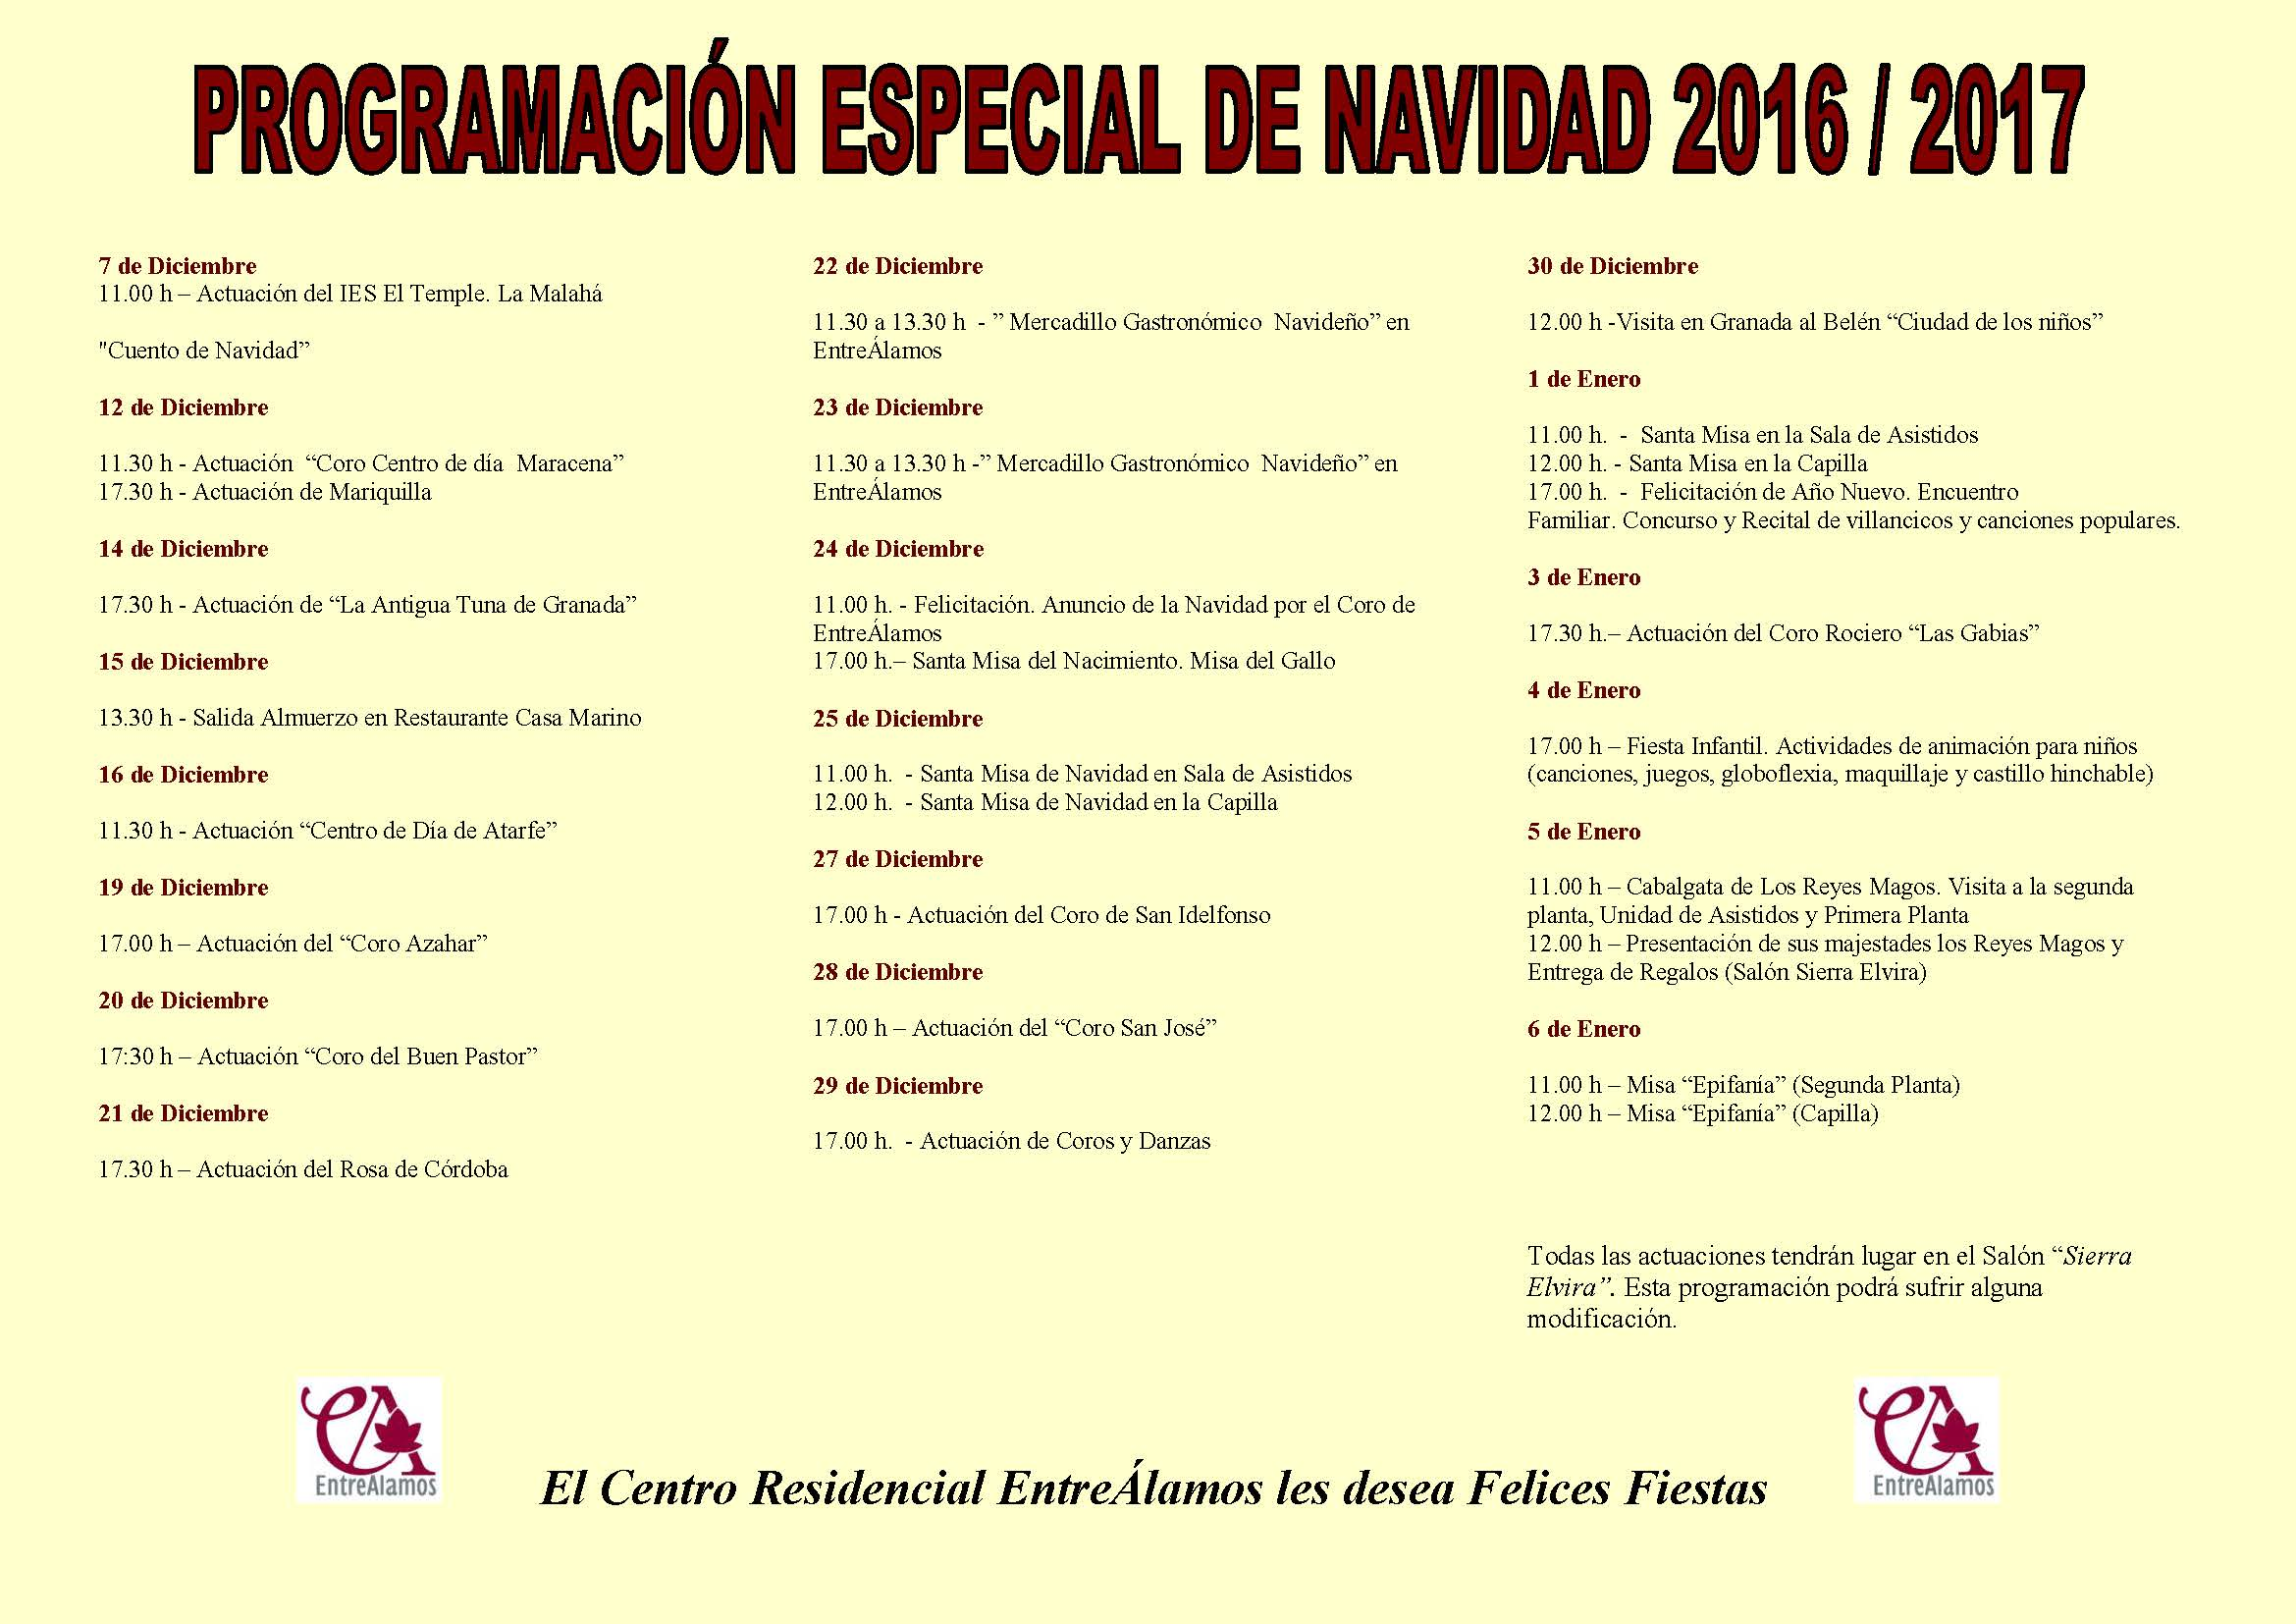 cartel-programacion-de-navidad-2016-2017